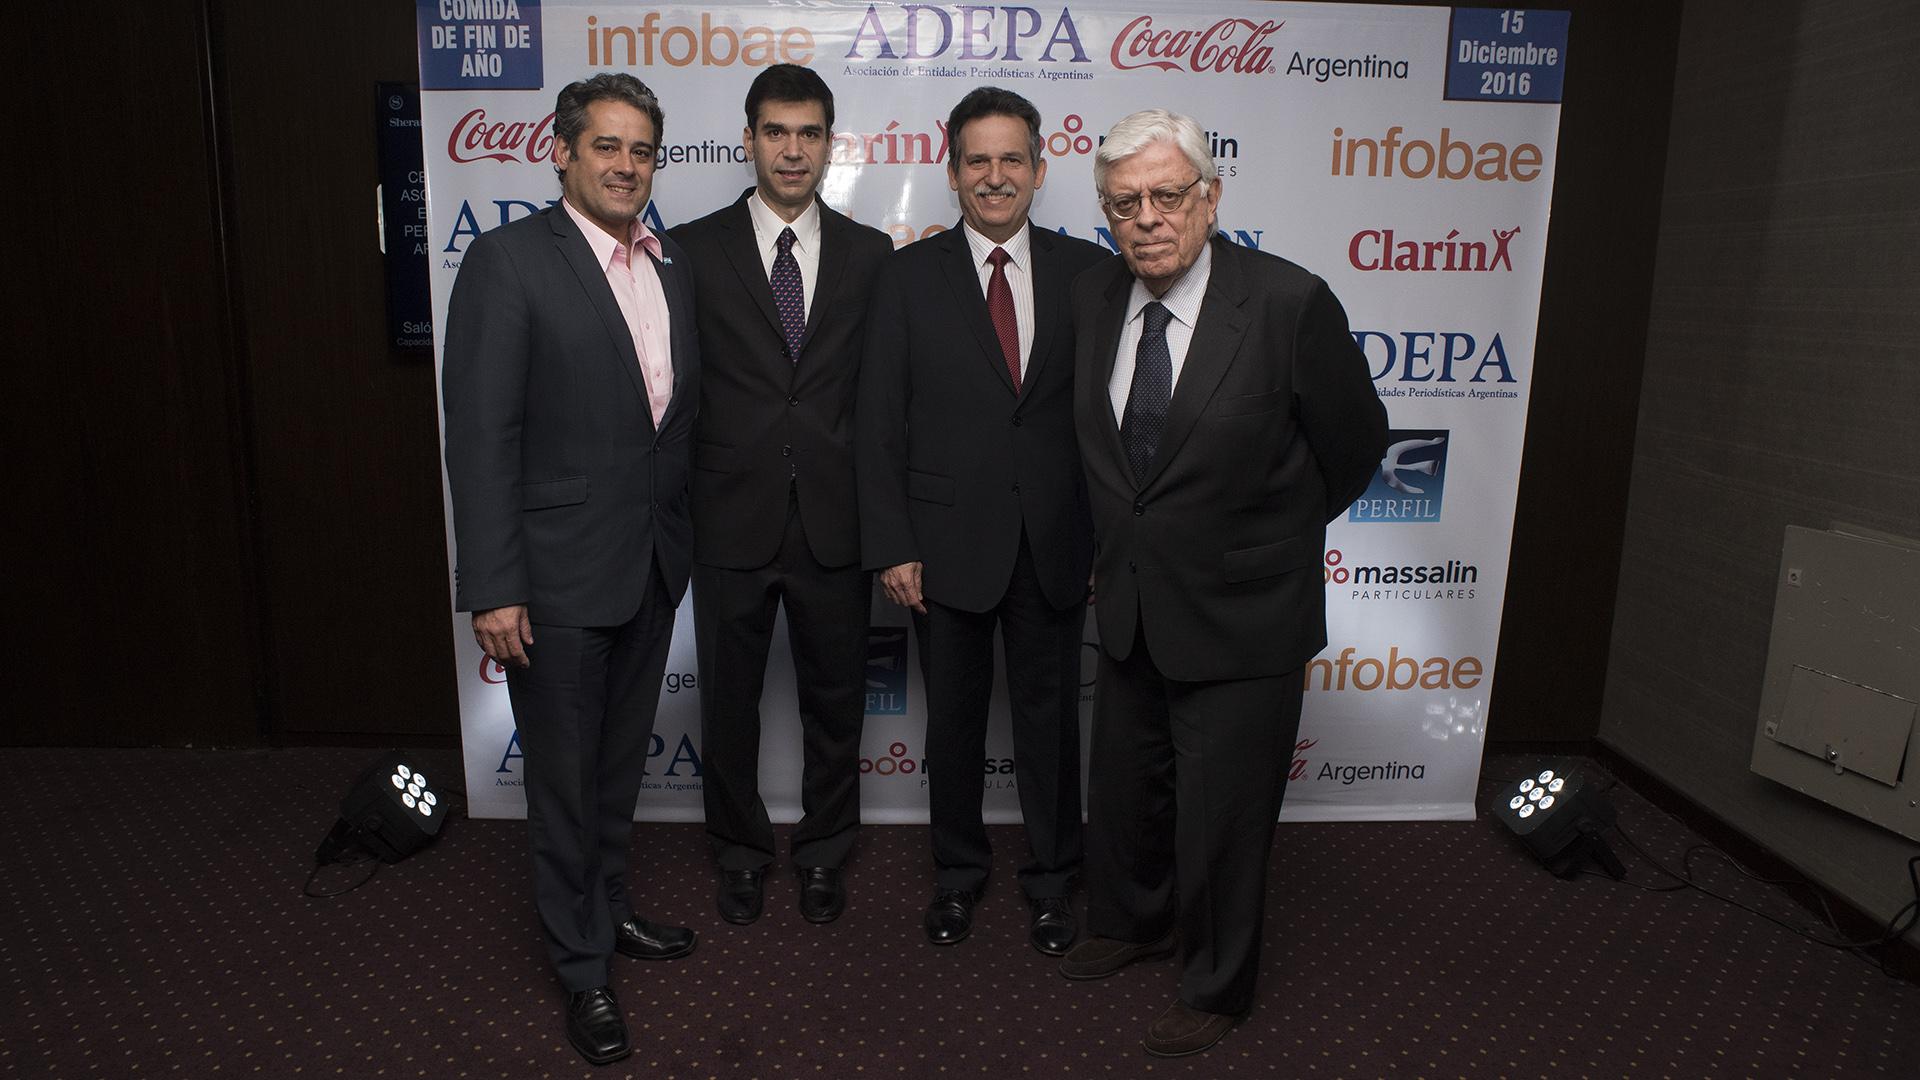 Daniel Heber Martínez, director de ENACOM (Ente Nacional de Comunicaciones), junto a Daniel Dessein, Thomas Mesa -consejero de Asuntos Públicos de la embajada de los Estados Unidos- y Hermenegildo Sabat